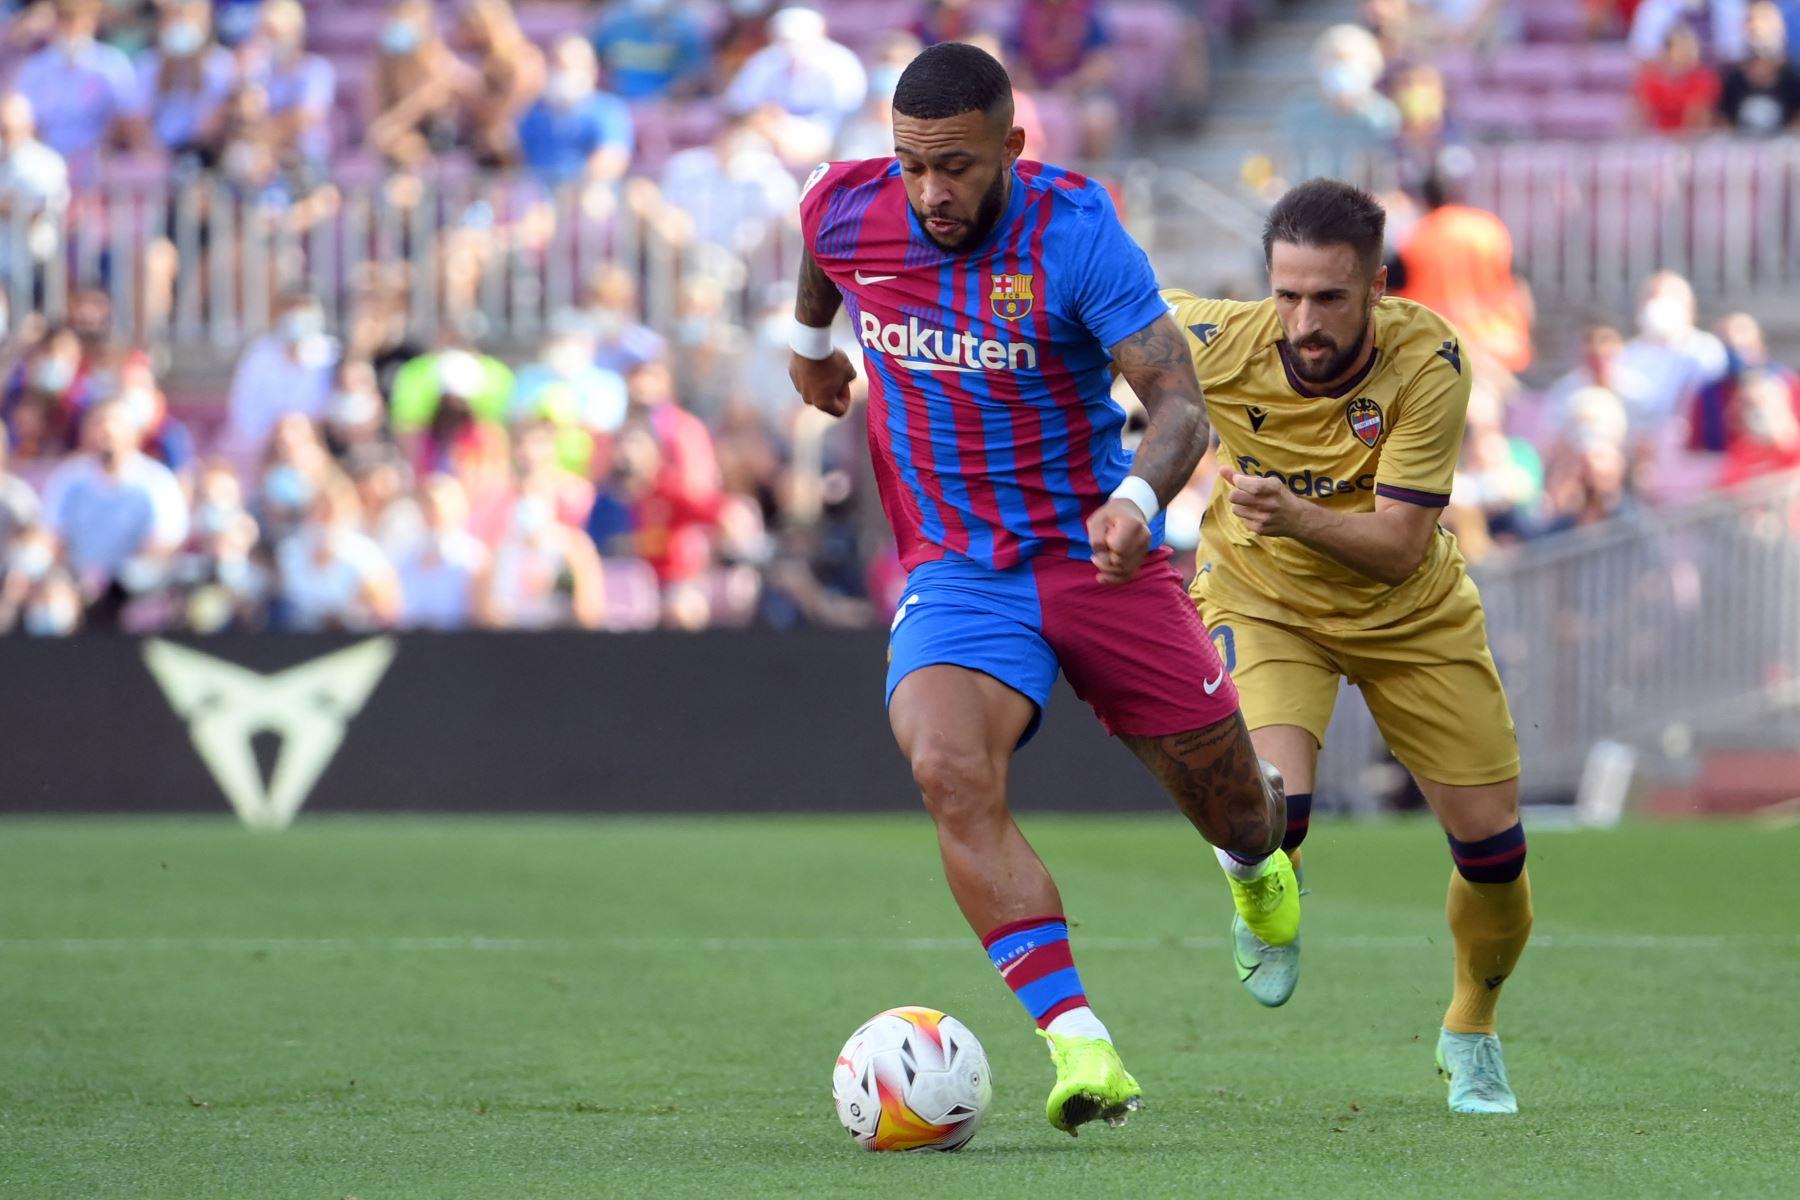 El centrocampista español del Levante Jorge Miramon desafía al delantero holandés del Barcelona Memphis Depay durante el partido de la Liga española. Foto: AFP